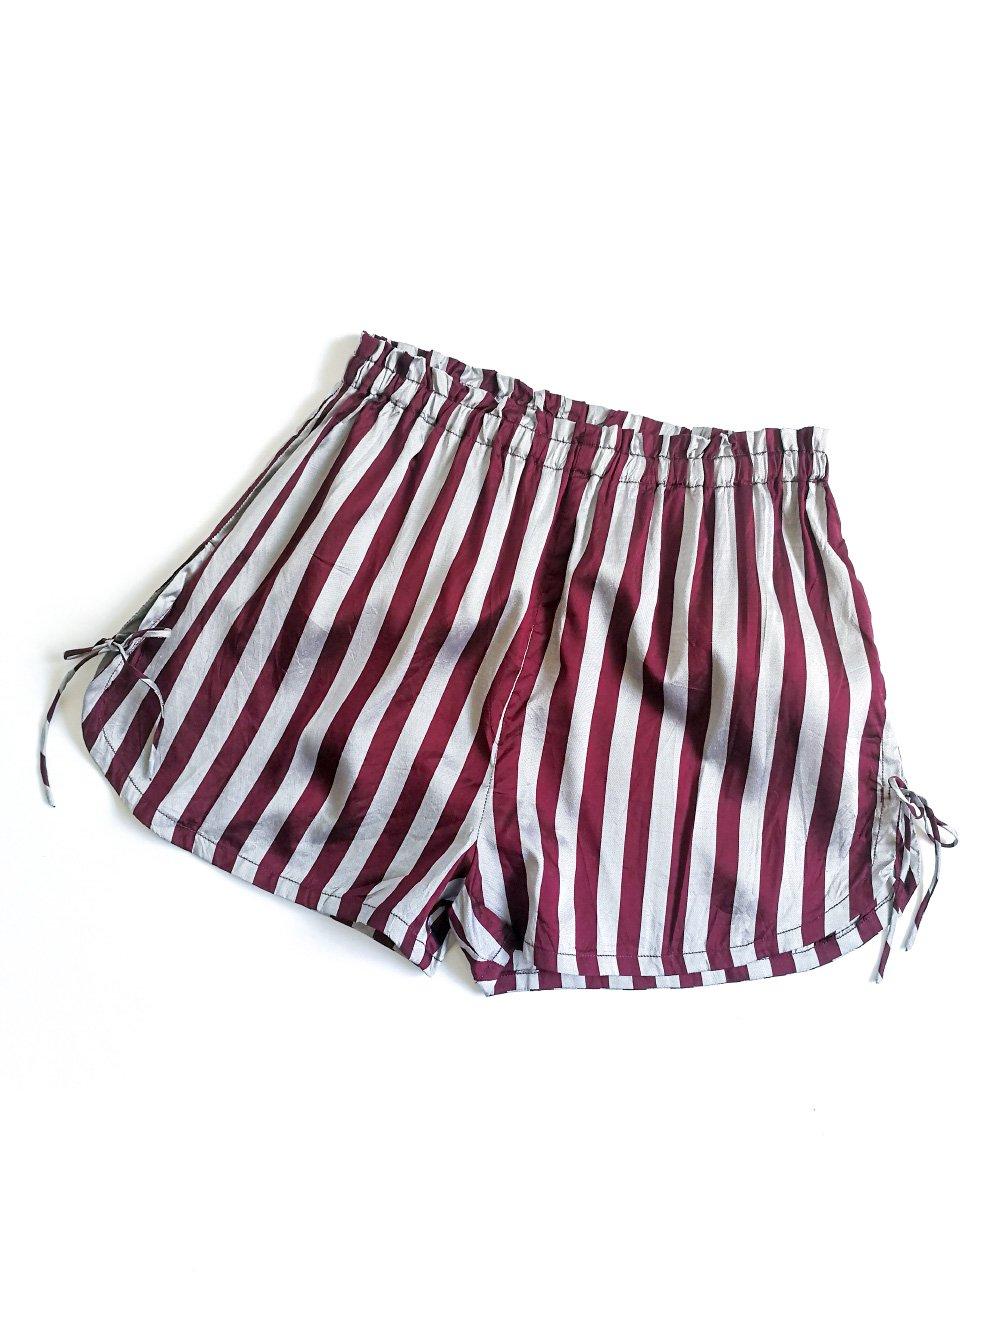 Shorts / original bordeaux